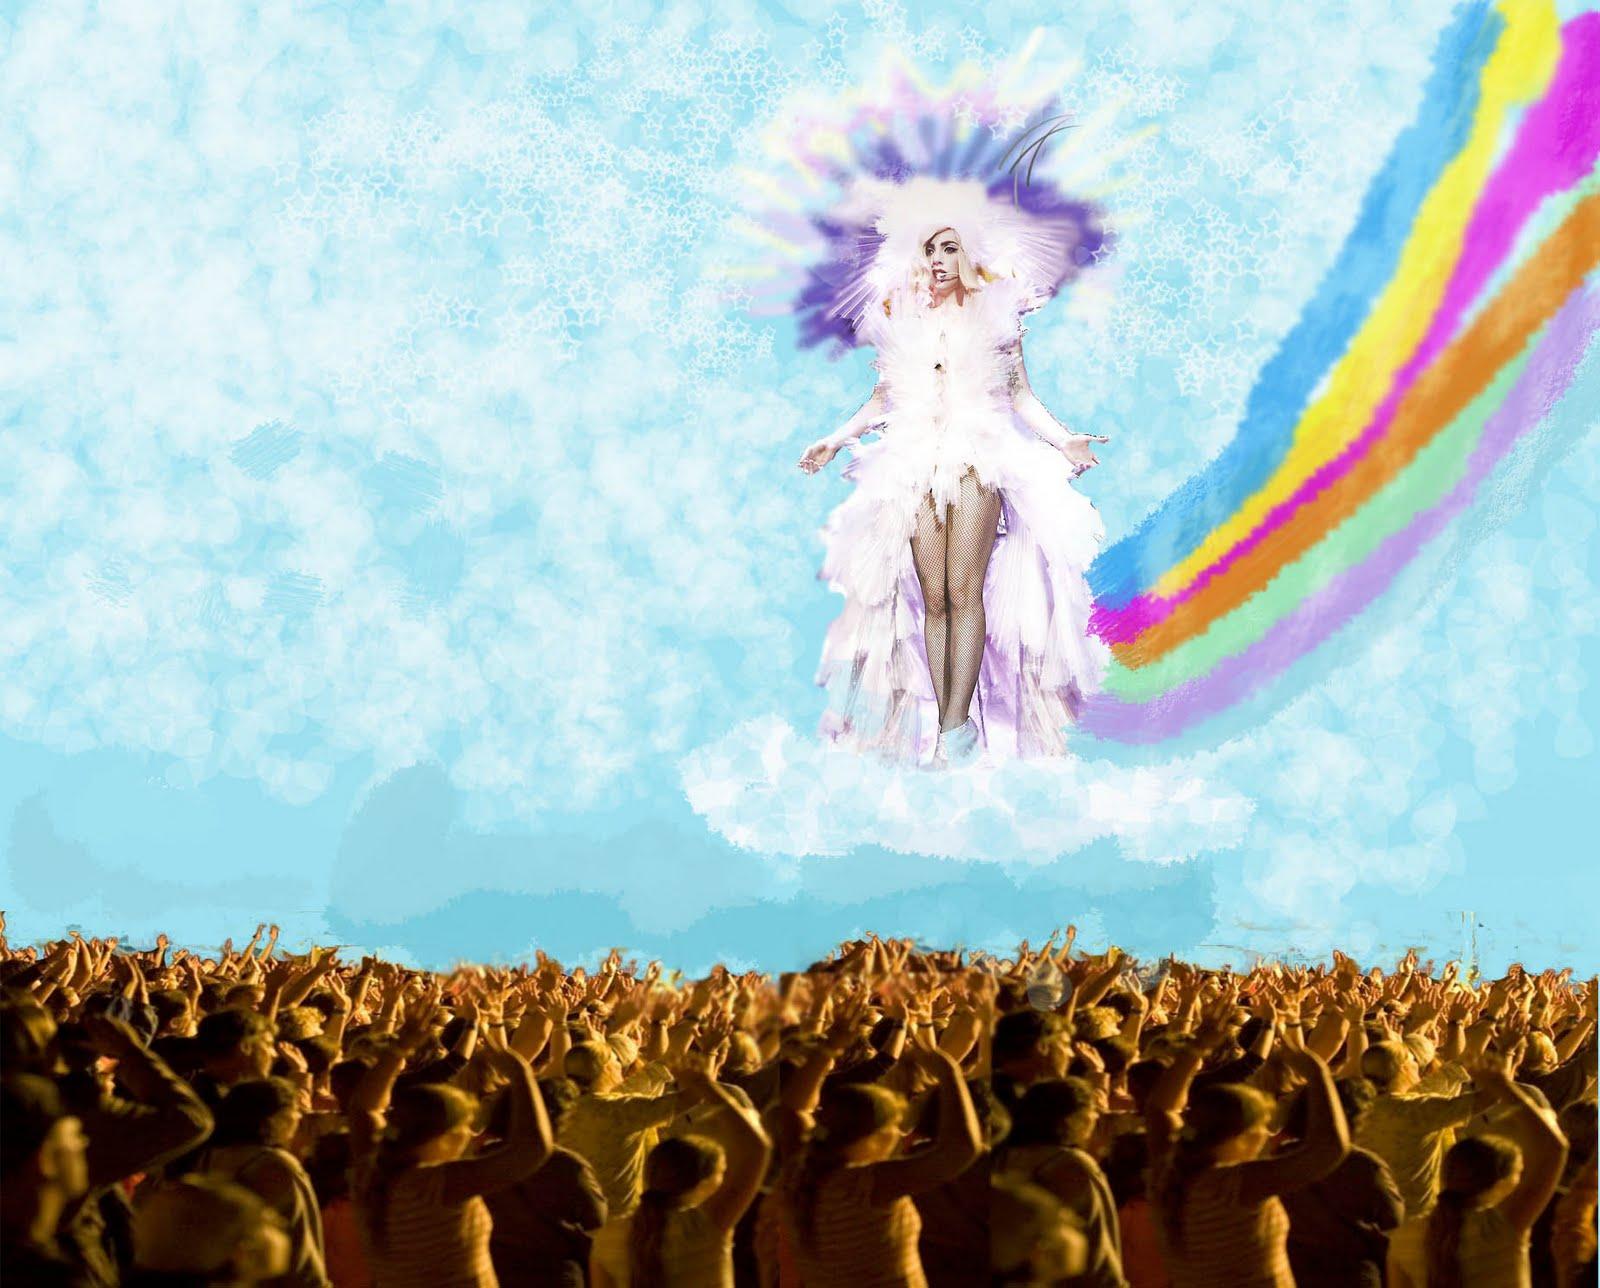 http://4.bp.blogspot.com/-MOmP1yjKe2U/TeEyXmoE1CI/AAAAAAAAANU/0Uy9QcgSR7I/s1600/angel+gaga.jpg